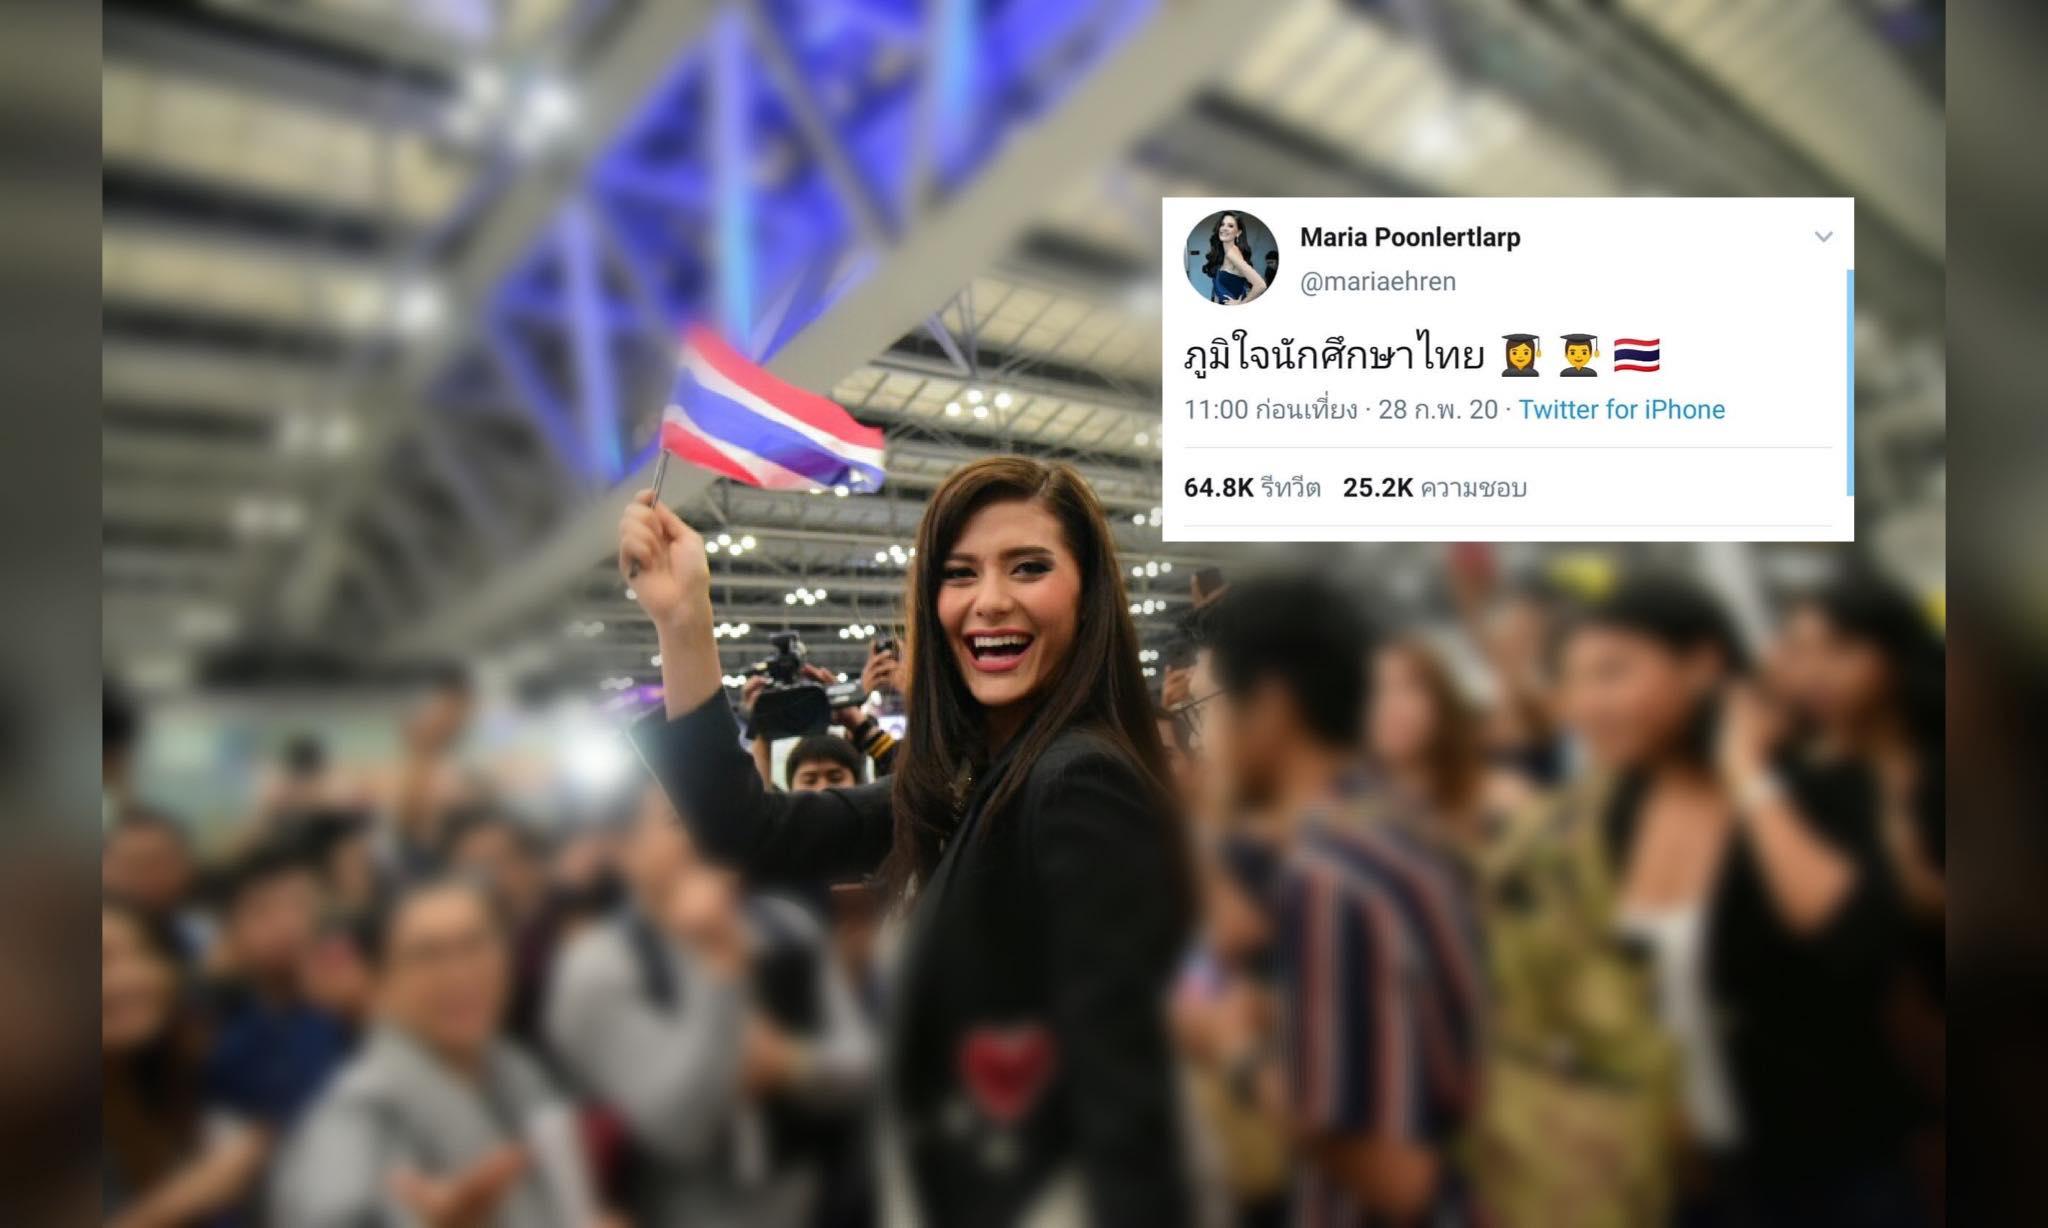 """""""มารีญา"""" โพสต์ """"ภูมิใจนักศึกษาไทย"""" ท่ามกลางข่าวม็อบต้านรัฐบาล"""